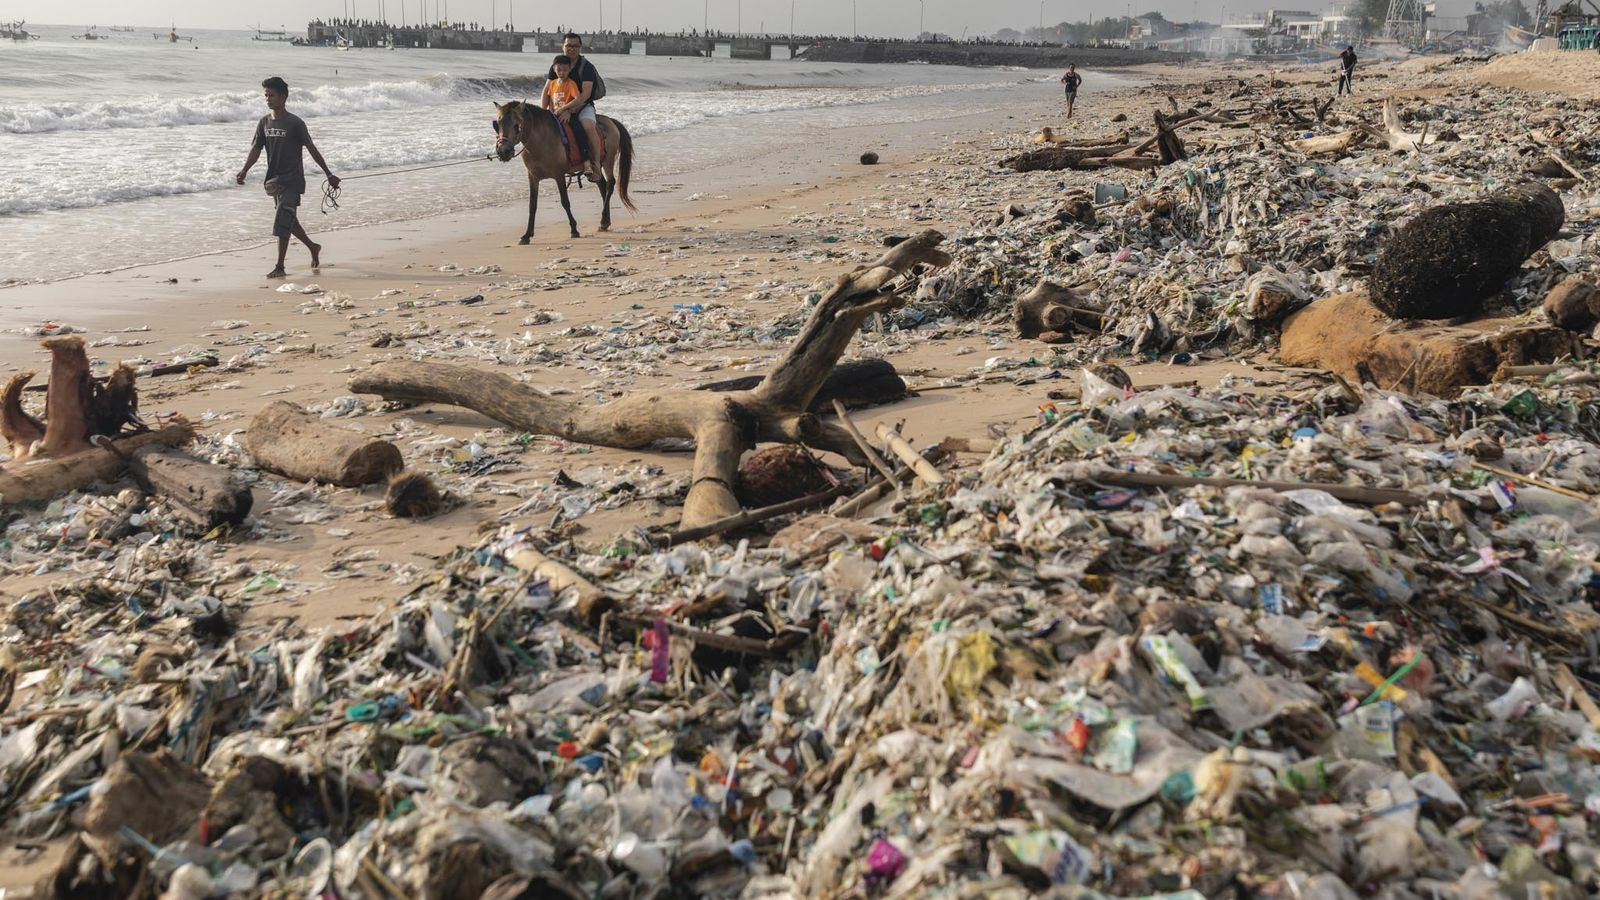 Turistas pasean a caballo por la playa de Kedonganan, Bali, el 27 de enero de 2019. ...